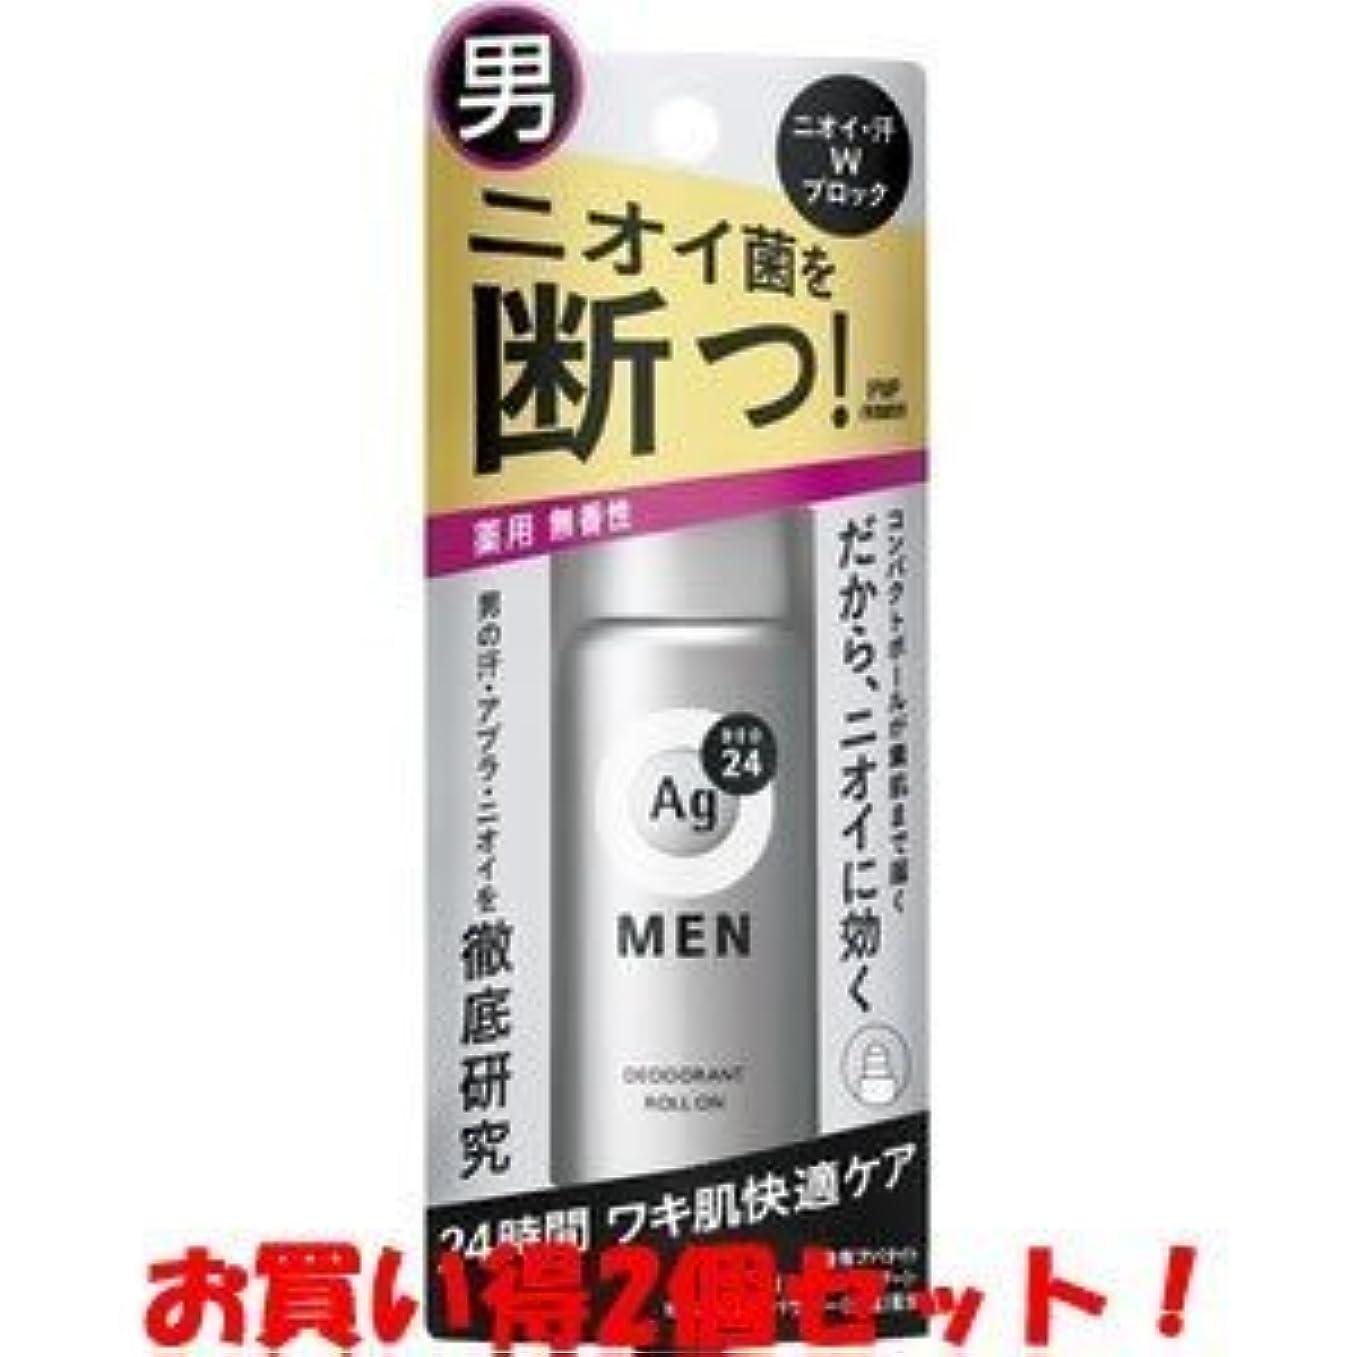 エージーデオ24 メンズデオドラントロールオン 無香性 60mL×2個 (医薬部外品)